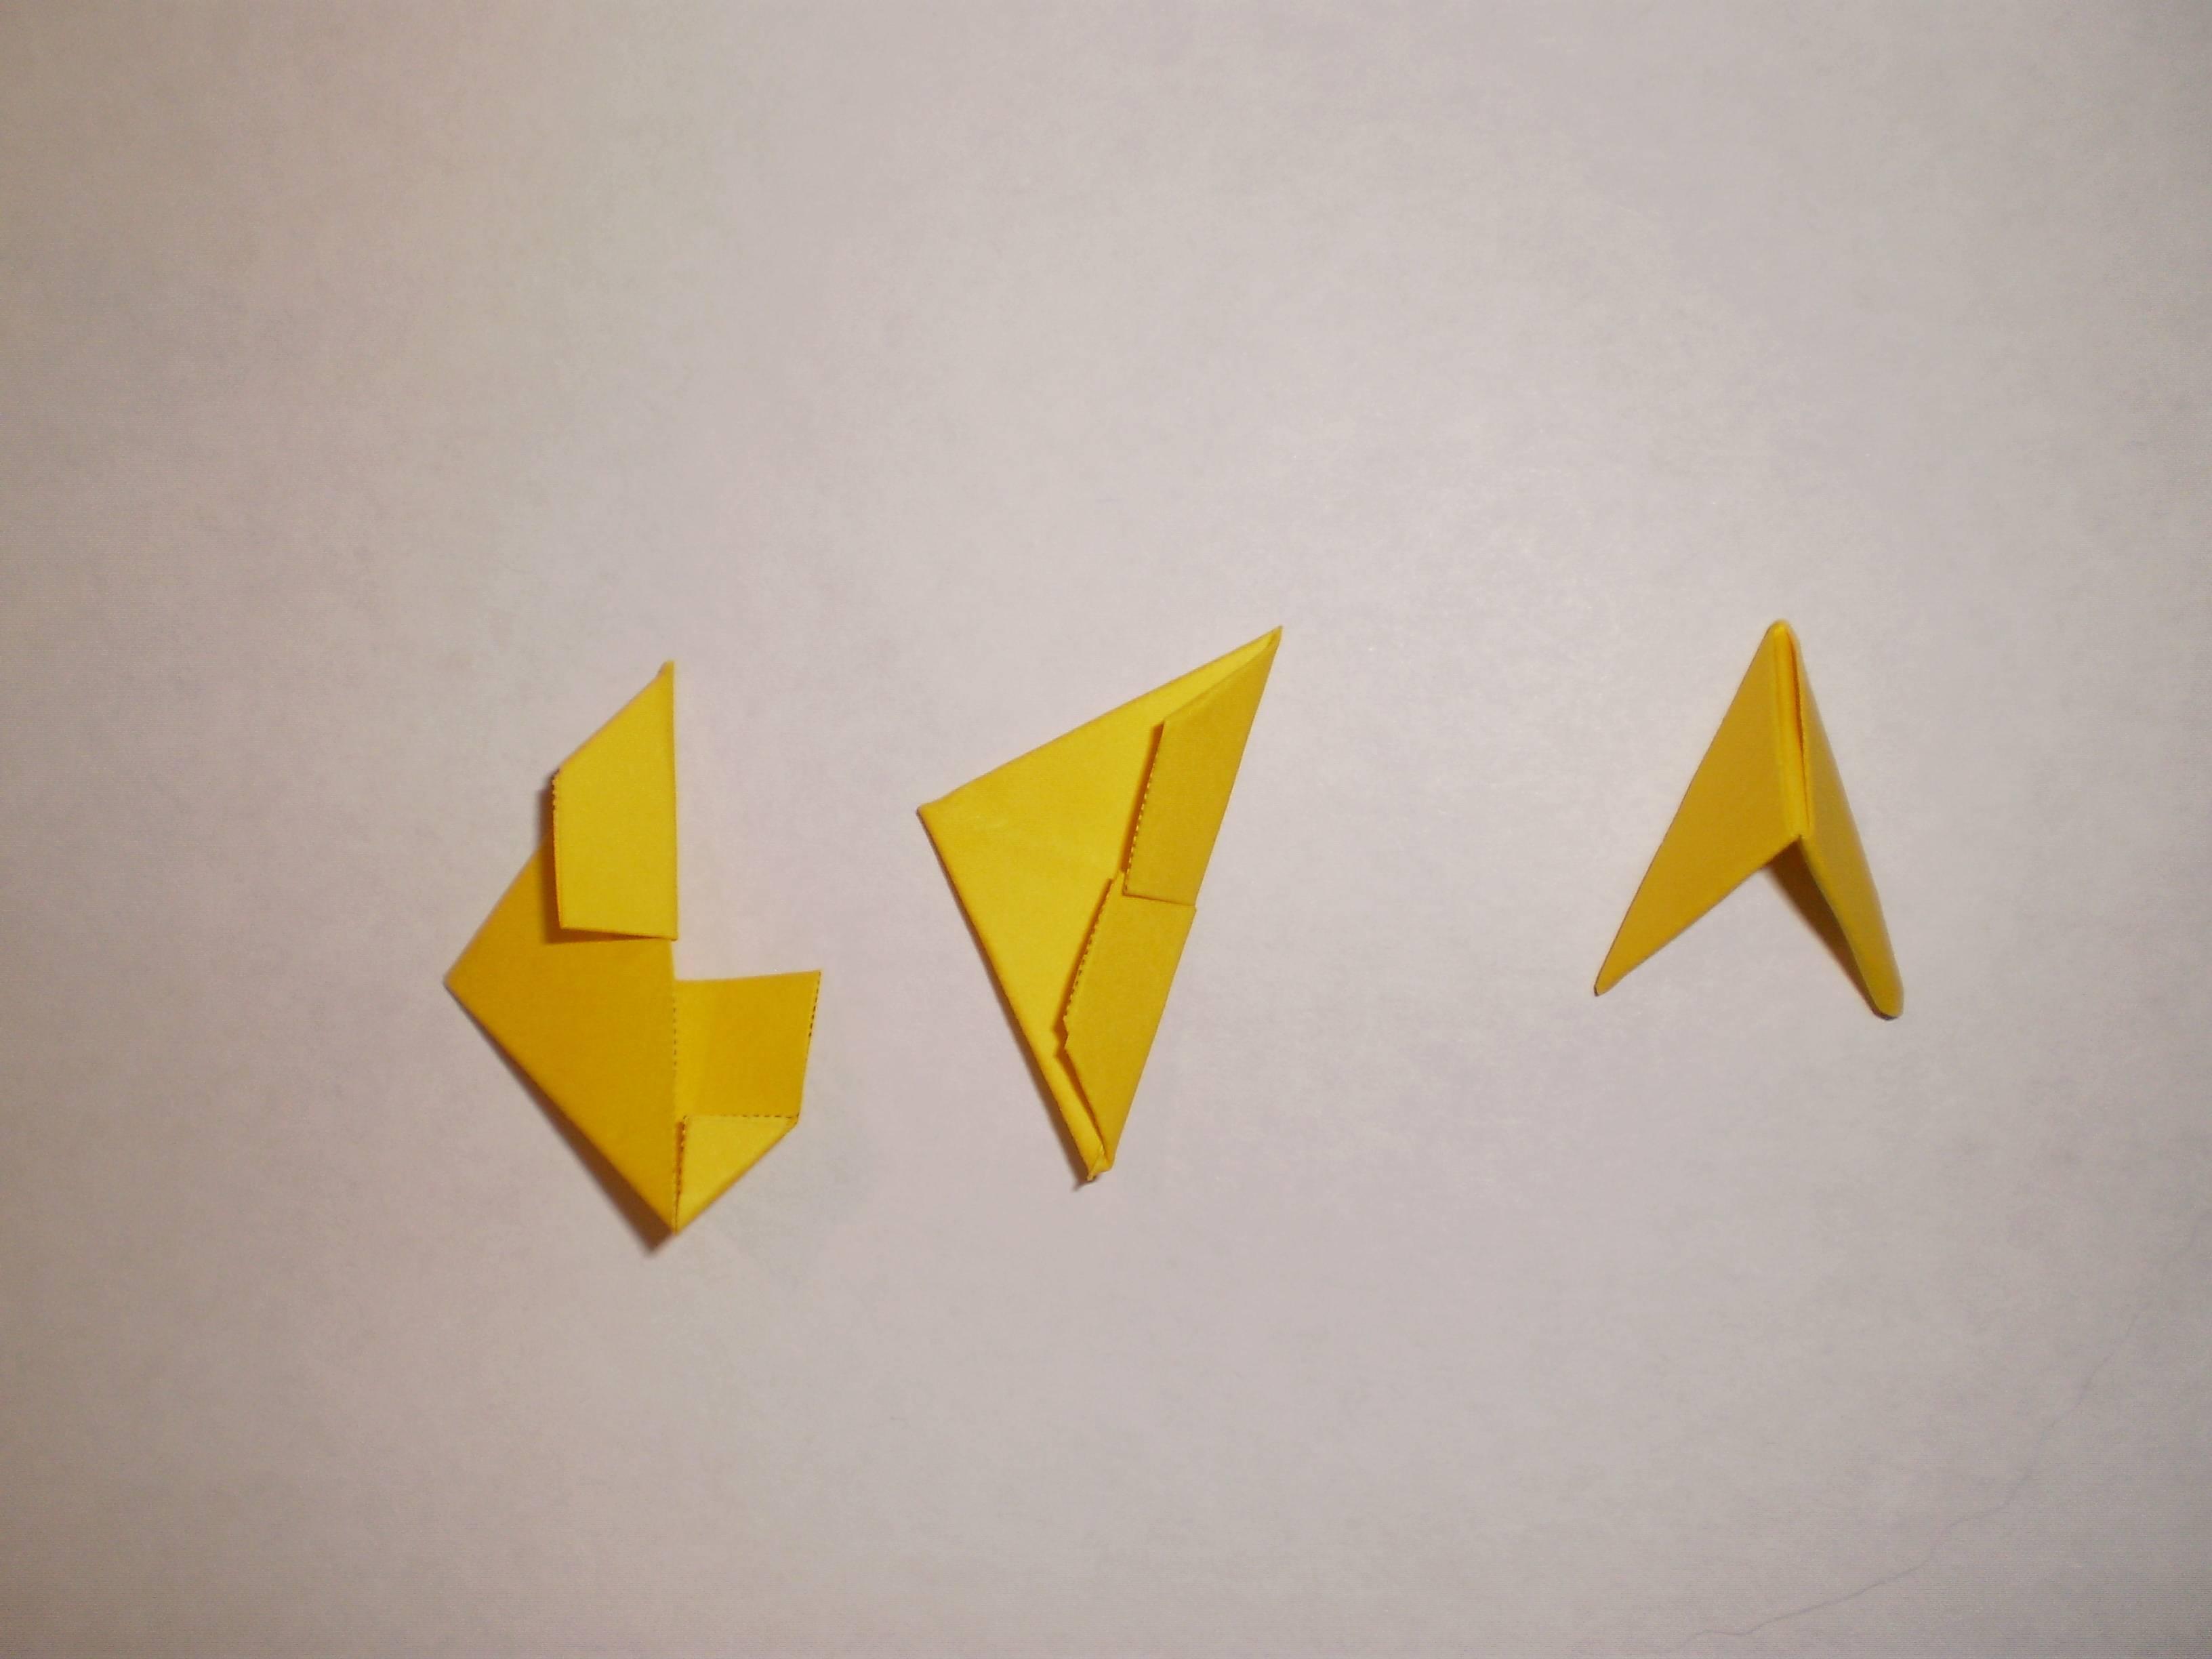 Набор участников на сборку Змеи - символ 2013. Модульное оригами! - Страница 2 941d9f5bb6e1c1d1faf6b6a8ea4b3ee4